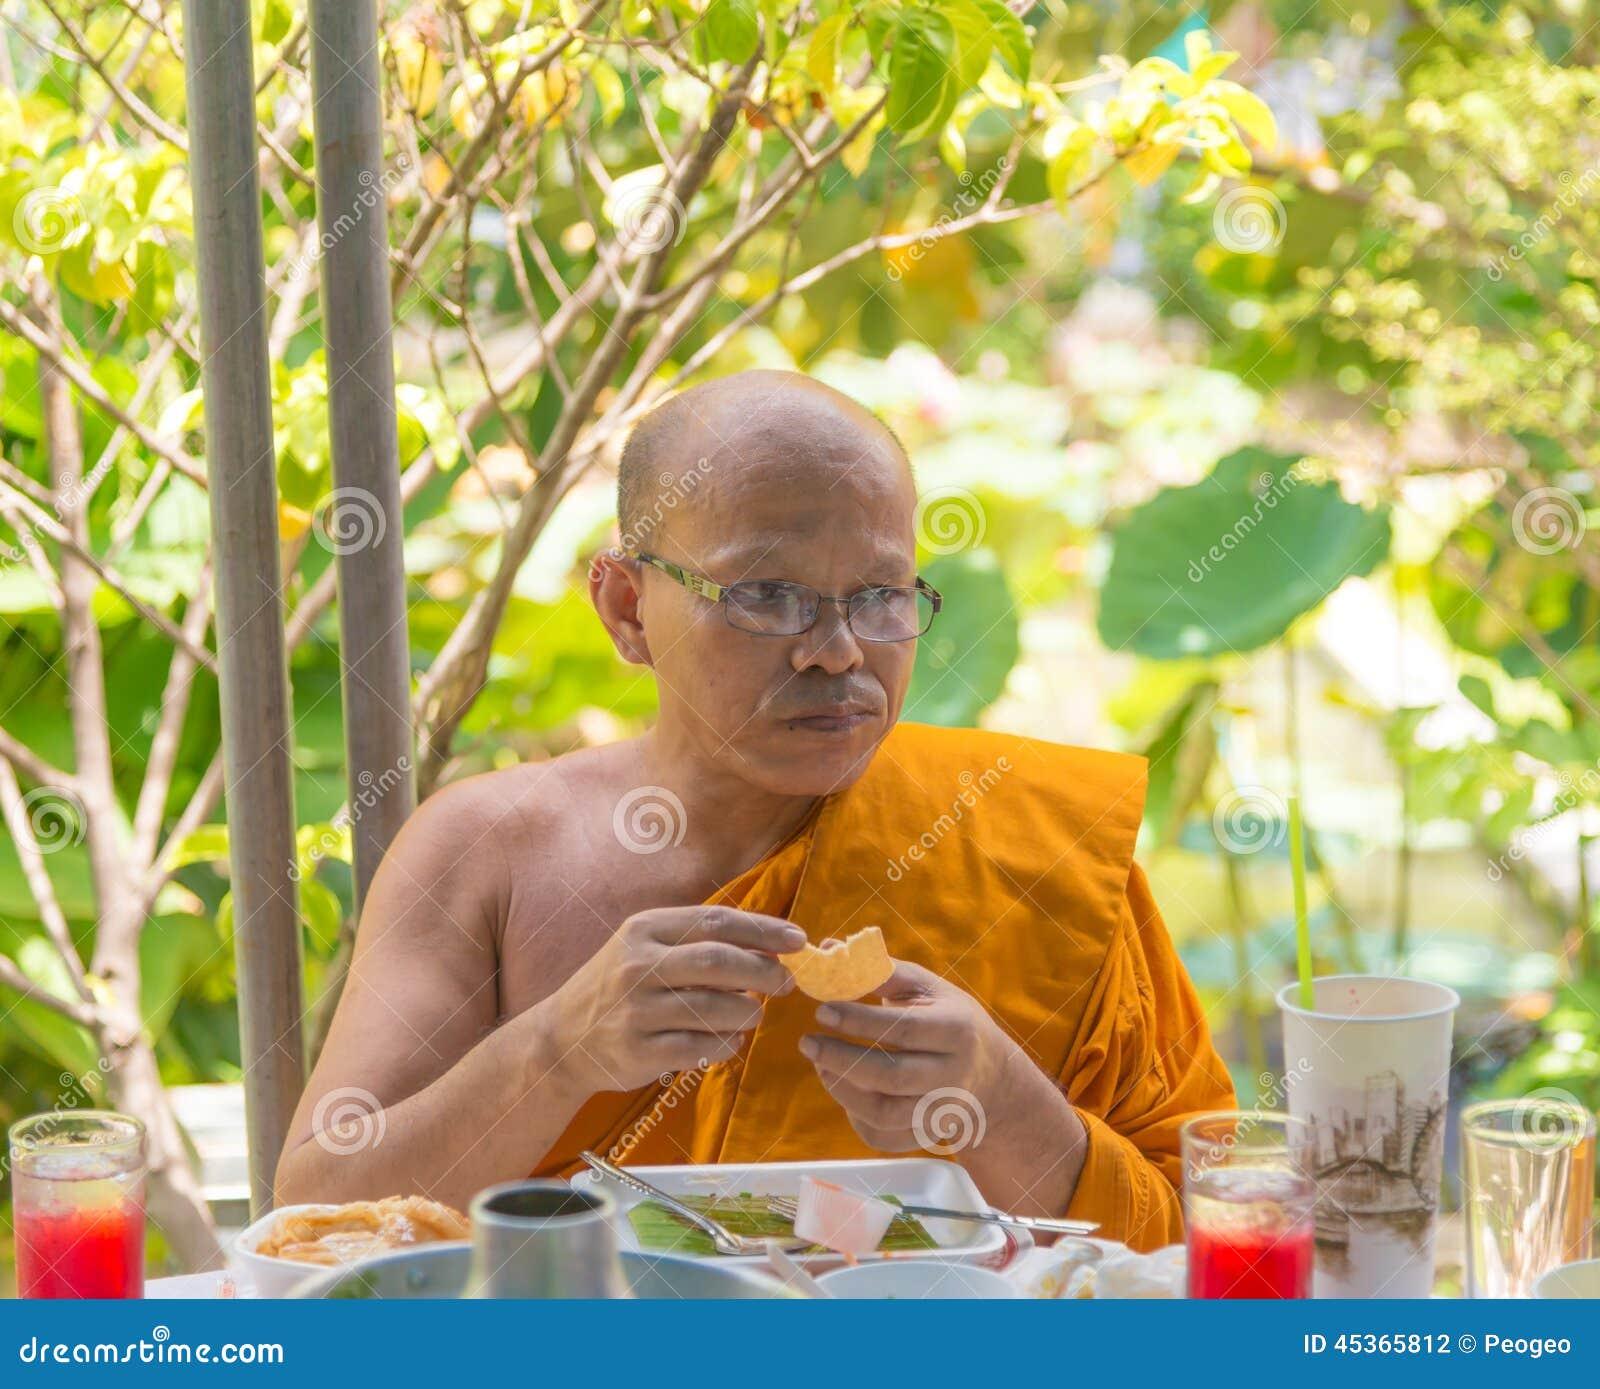 Un moine prend le déjeuner